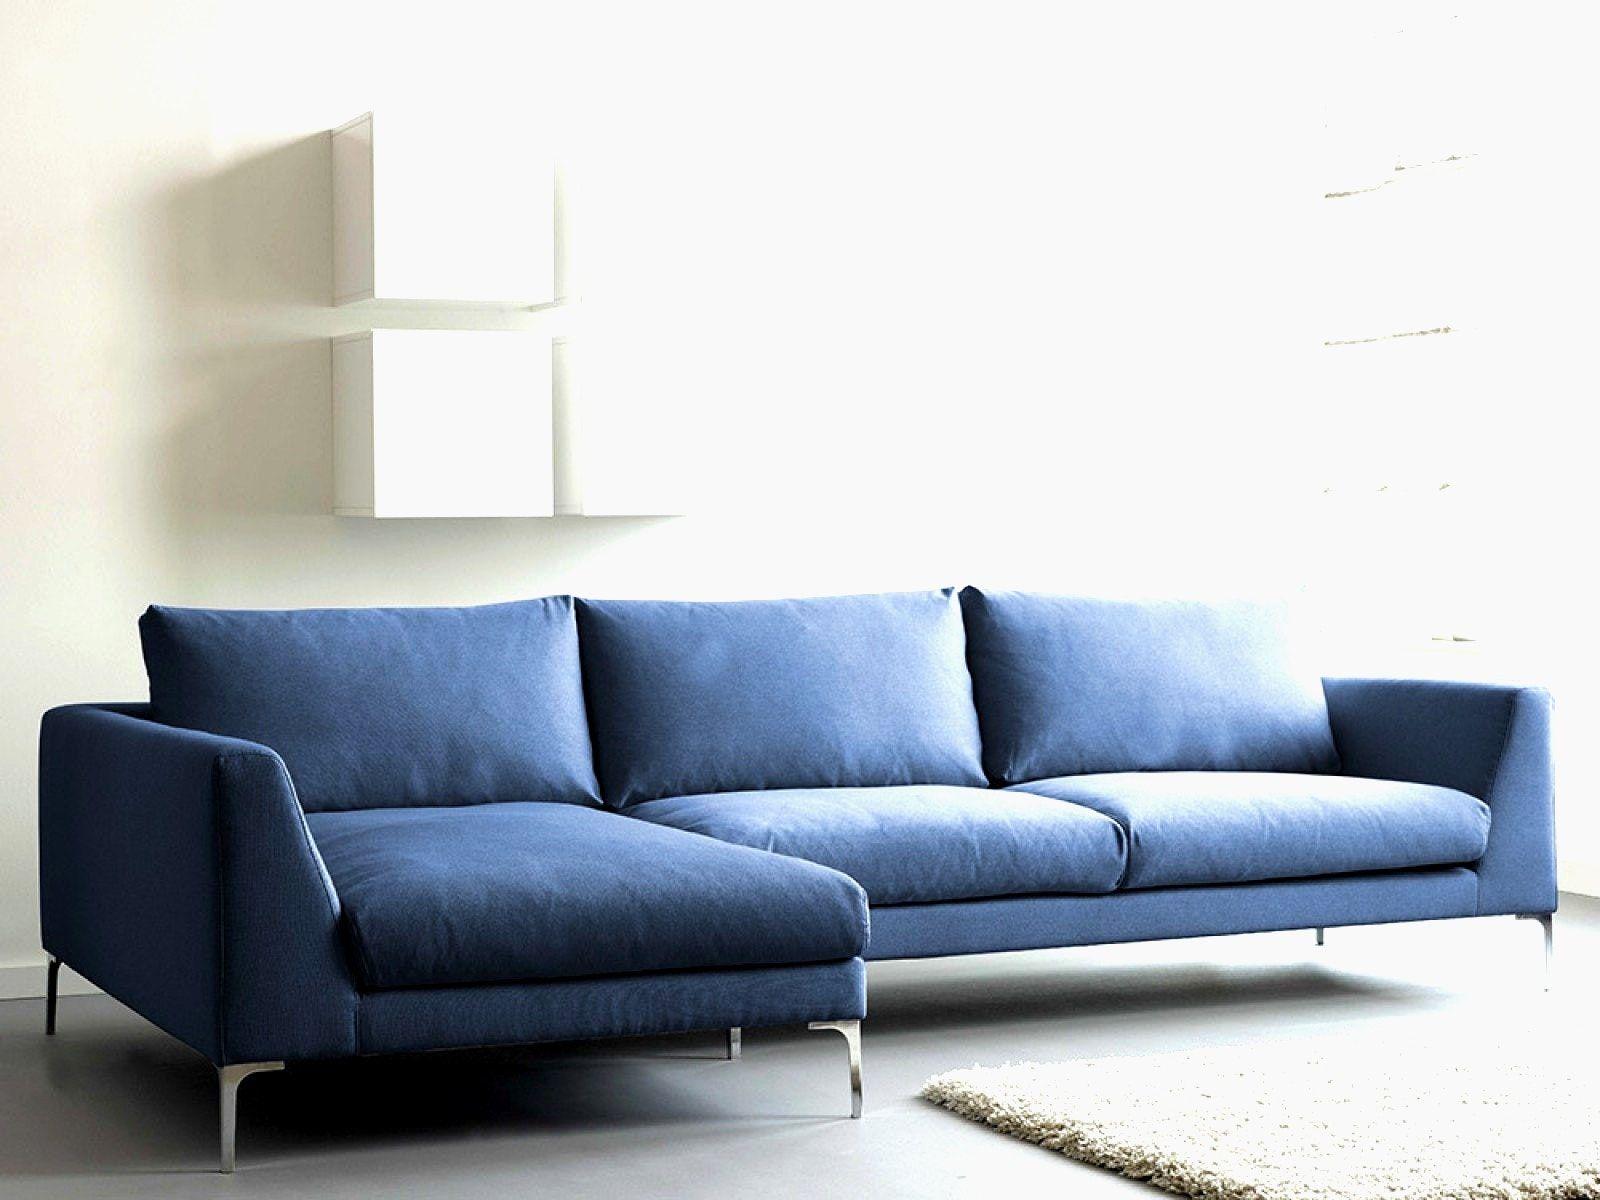 Full Size of Sofa Elektrisch Mit Elektrischer Relaxfunktion Geladen Statisch Was Tun Elektrische Sitztiefenverstellung Erfahrungen Wenn Aufgeladen Verstellbar Ist Warum Sofa Sofa Elektrisch